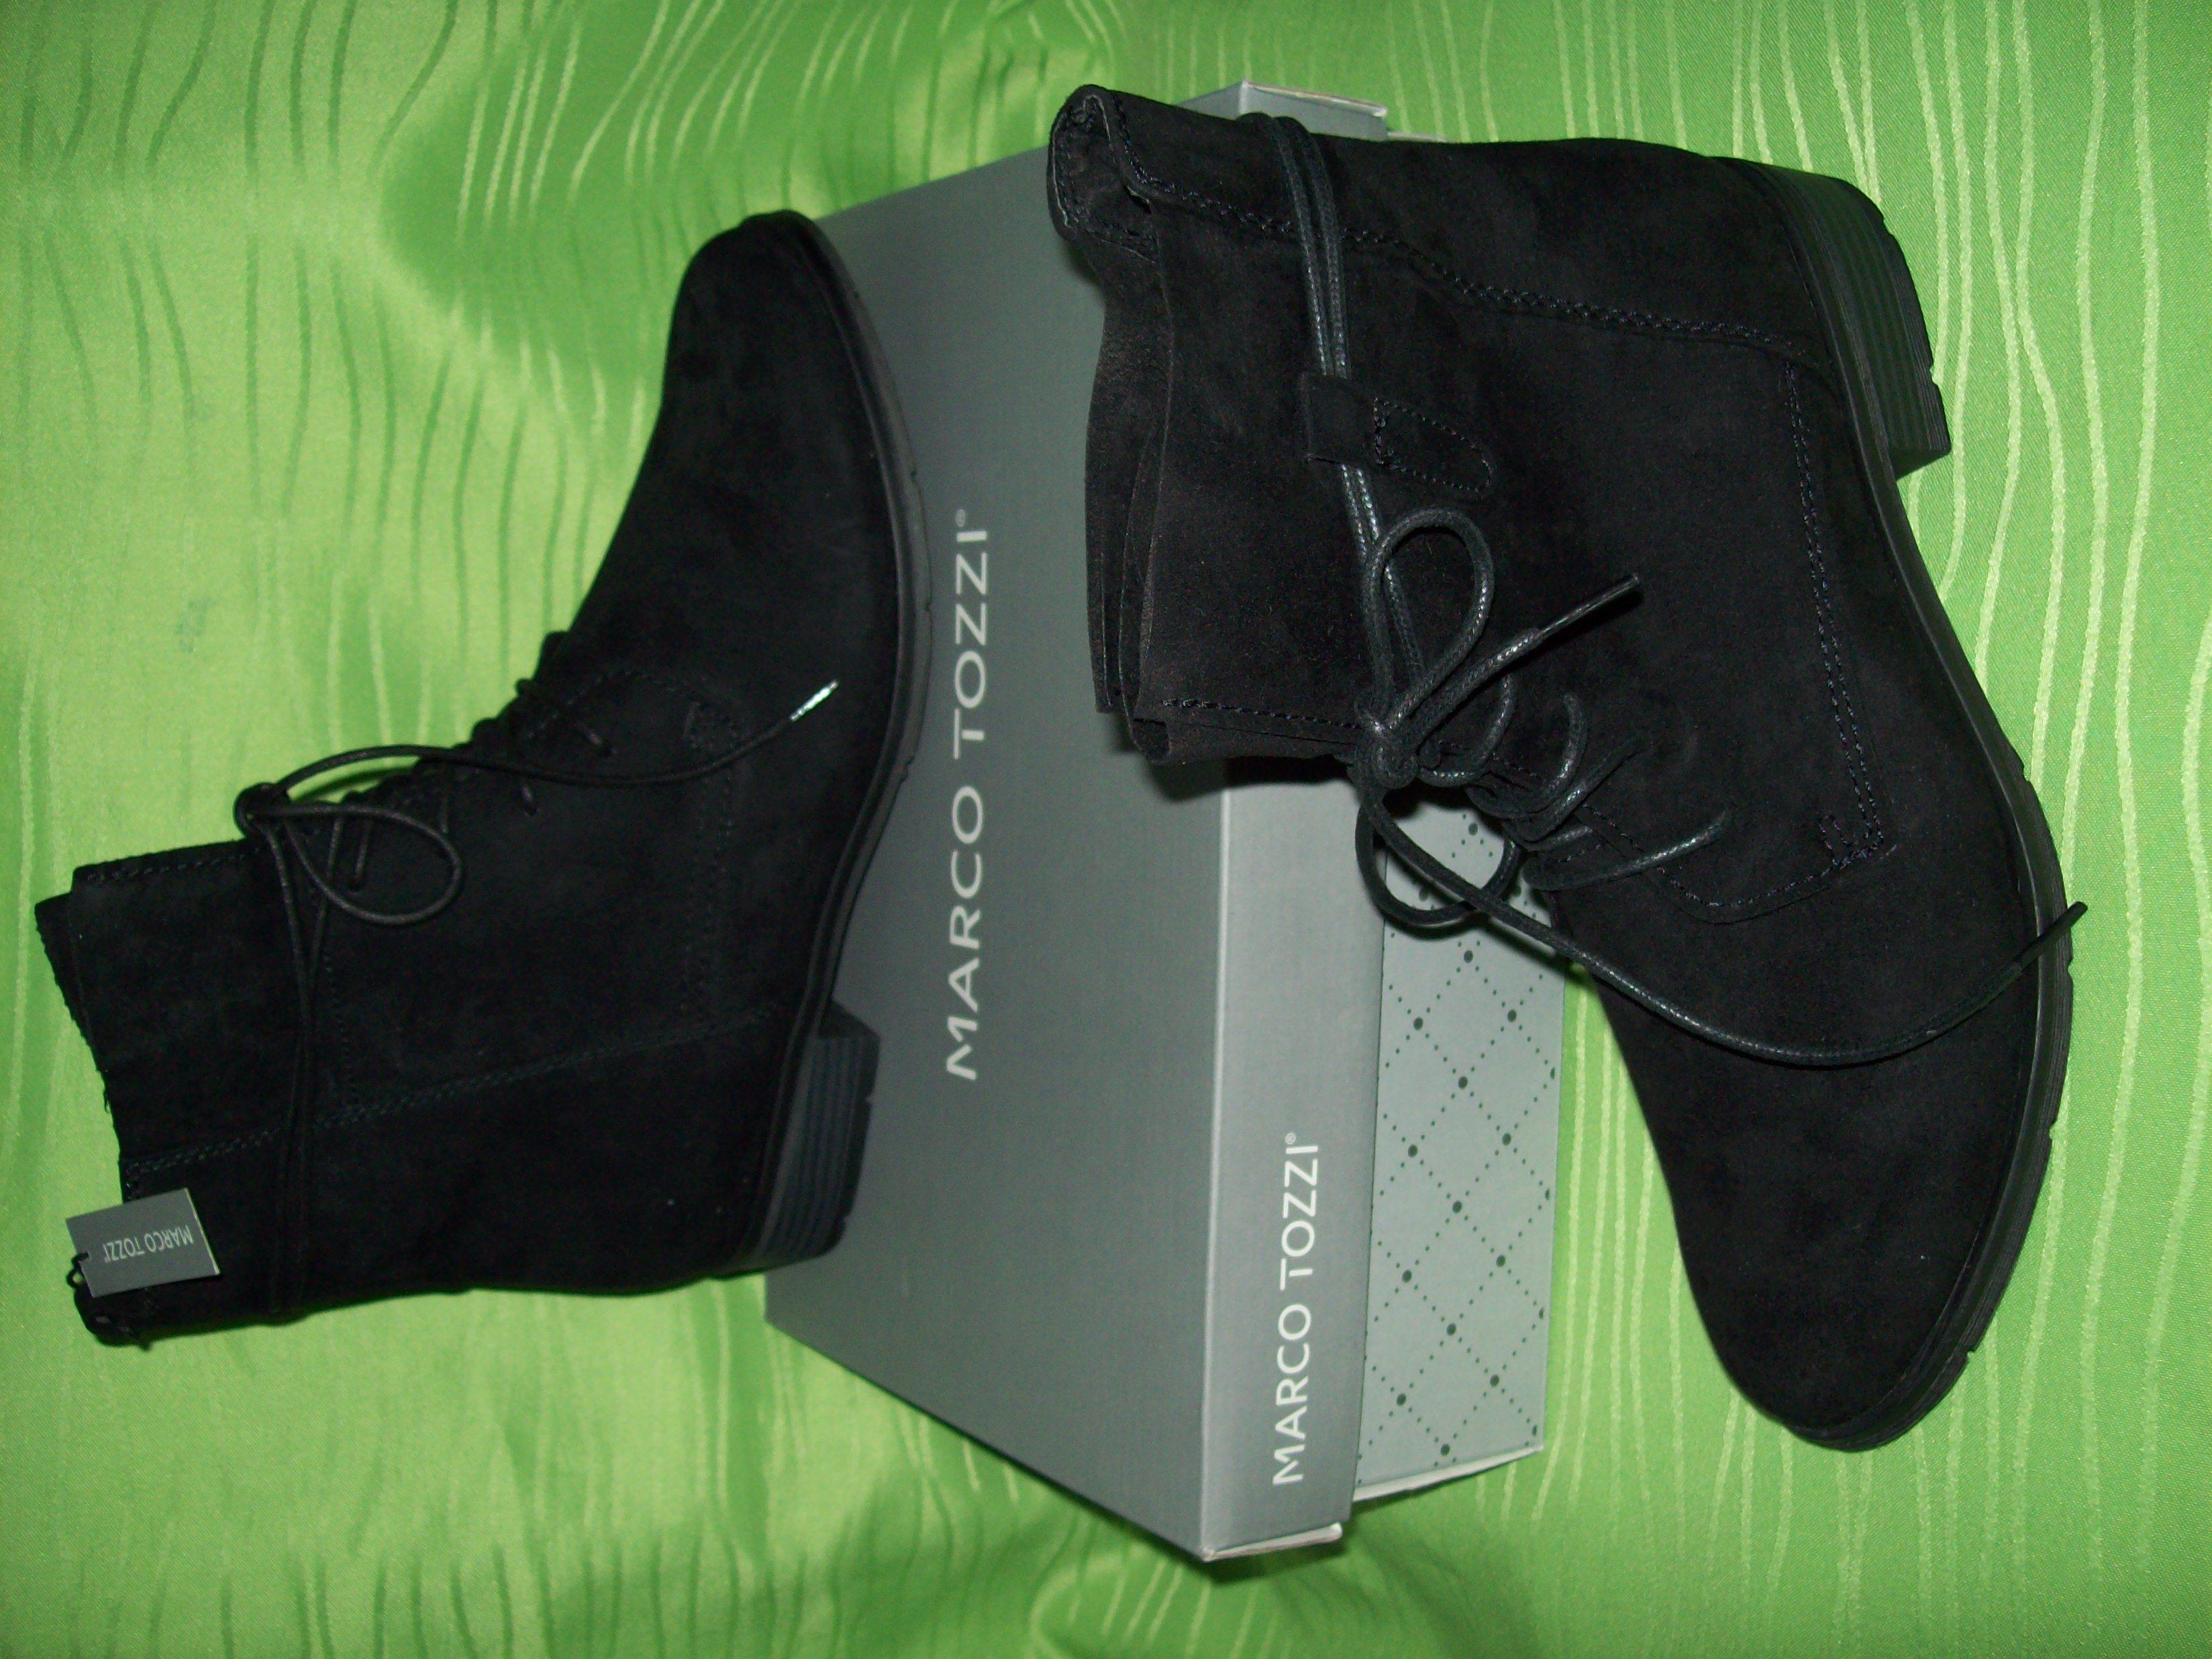 Damen-Schnürschuh schwarz von Marco Tozzi